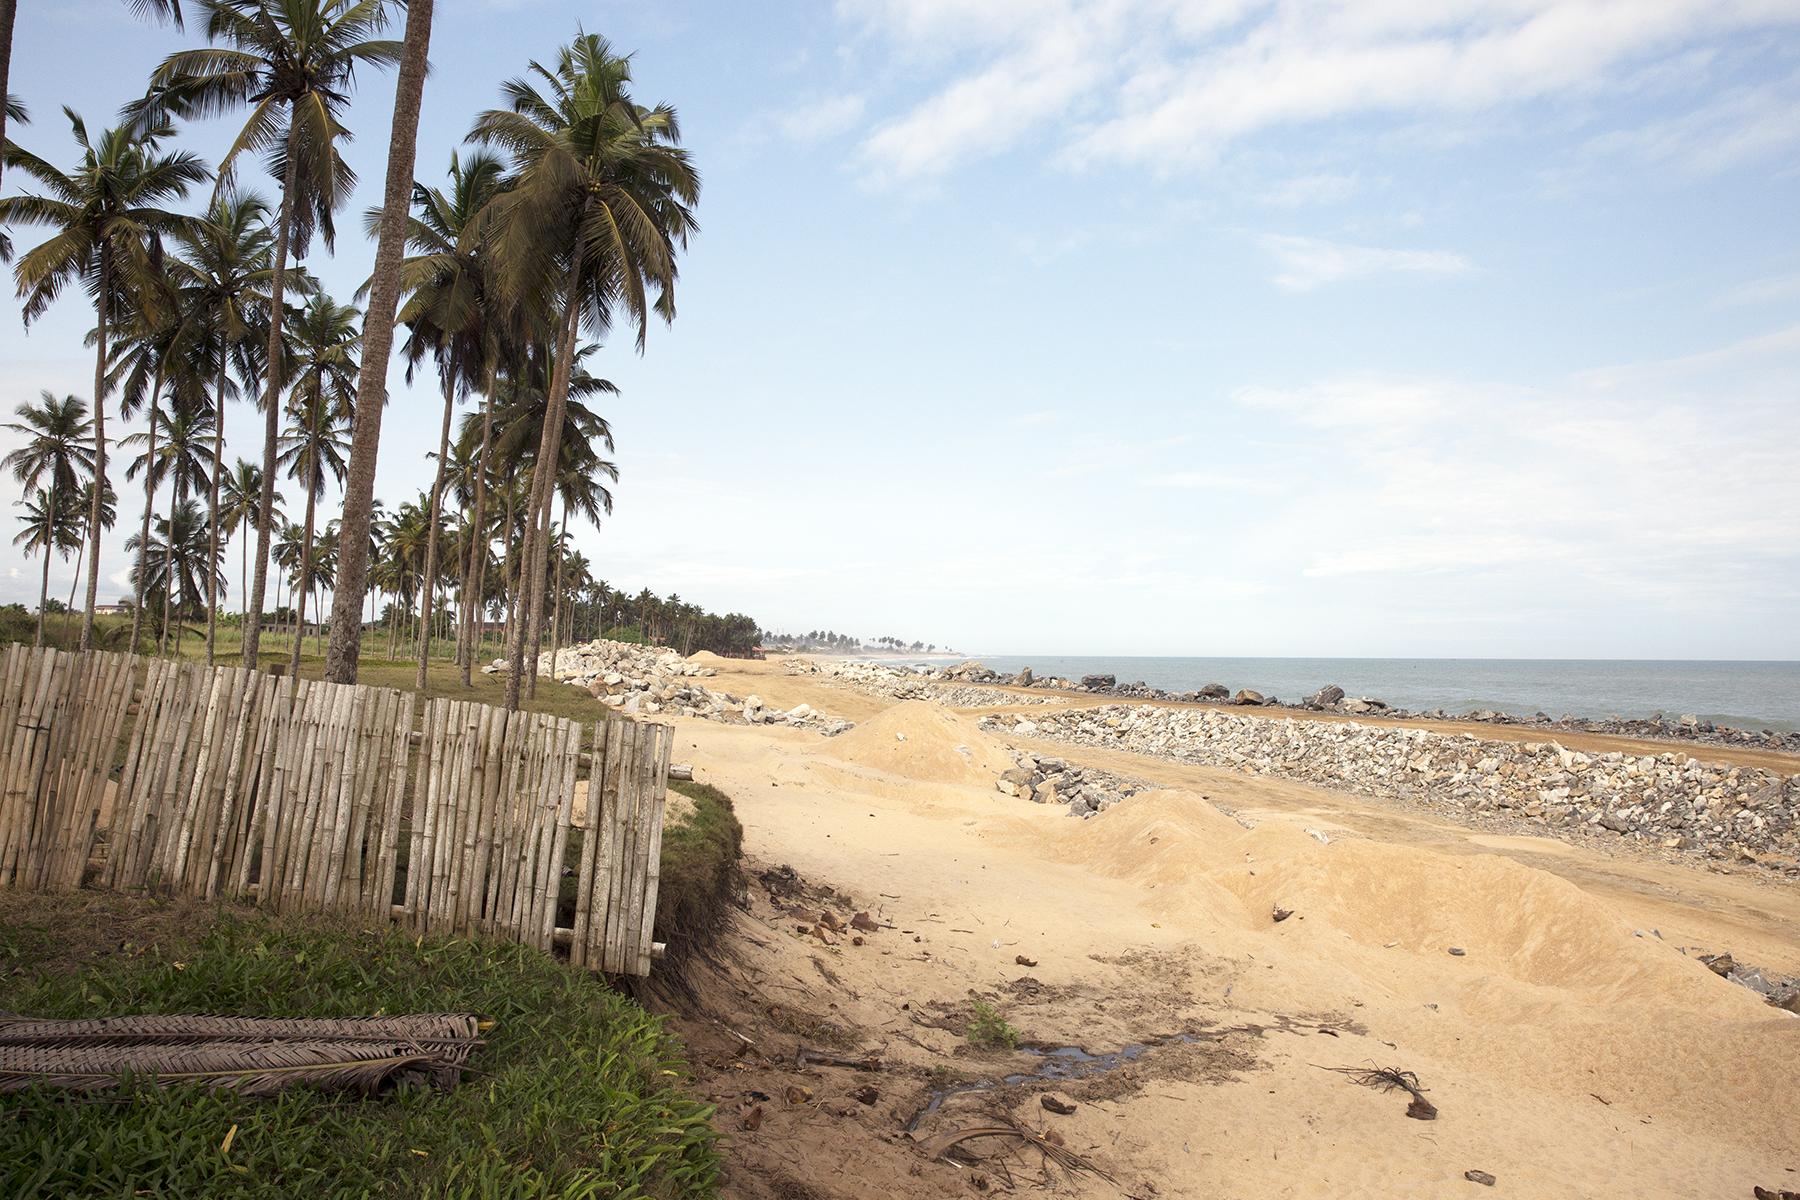 The inn's view of the beach